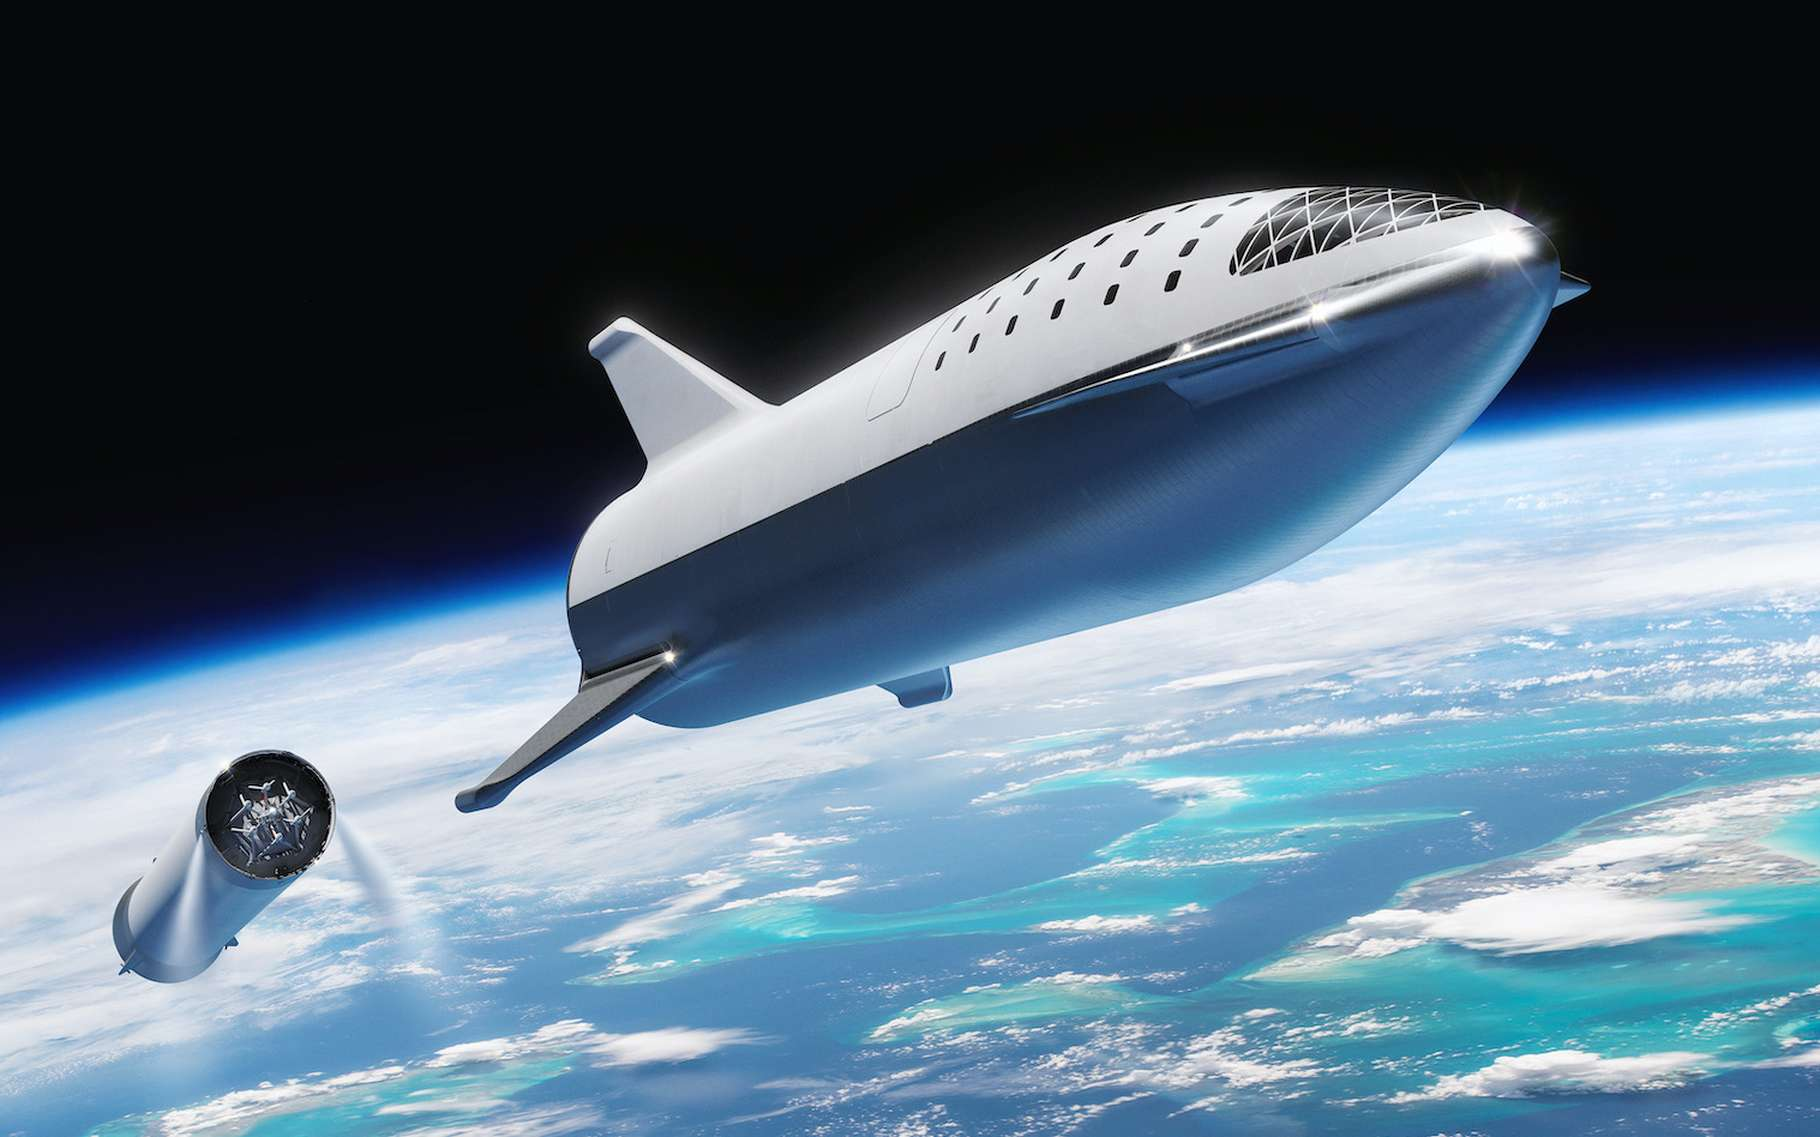 Pendant le sommet Humans to Mars, Elon Musk a précisé que le Starship devrait réaliser des « centaines de missions avant d'embarquer des humains à destination de Mars ». © SpaceX, Wikipedia, CC0